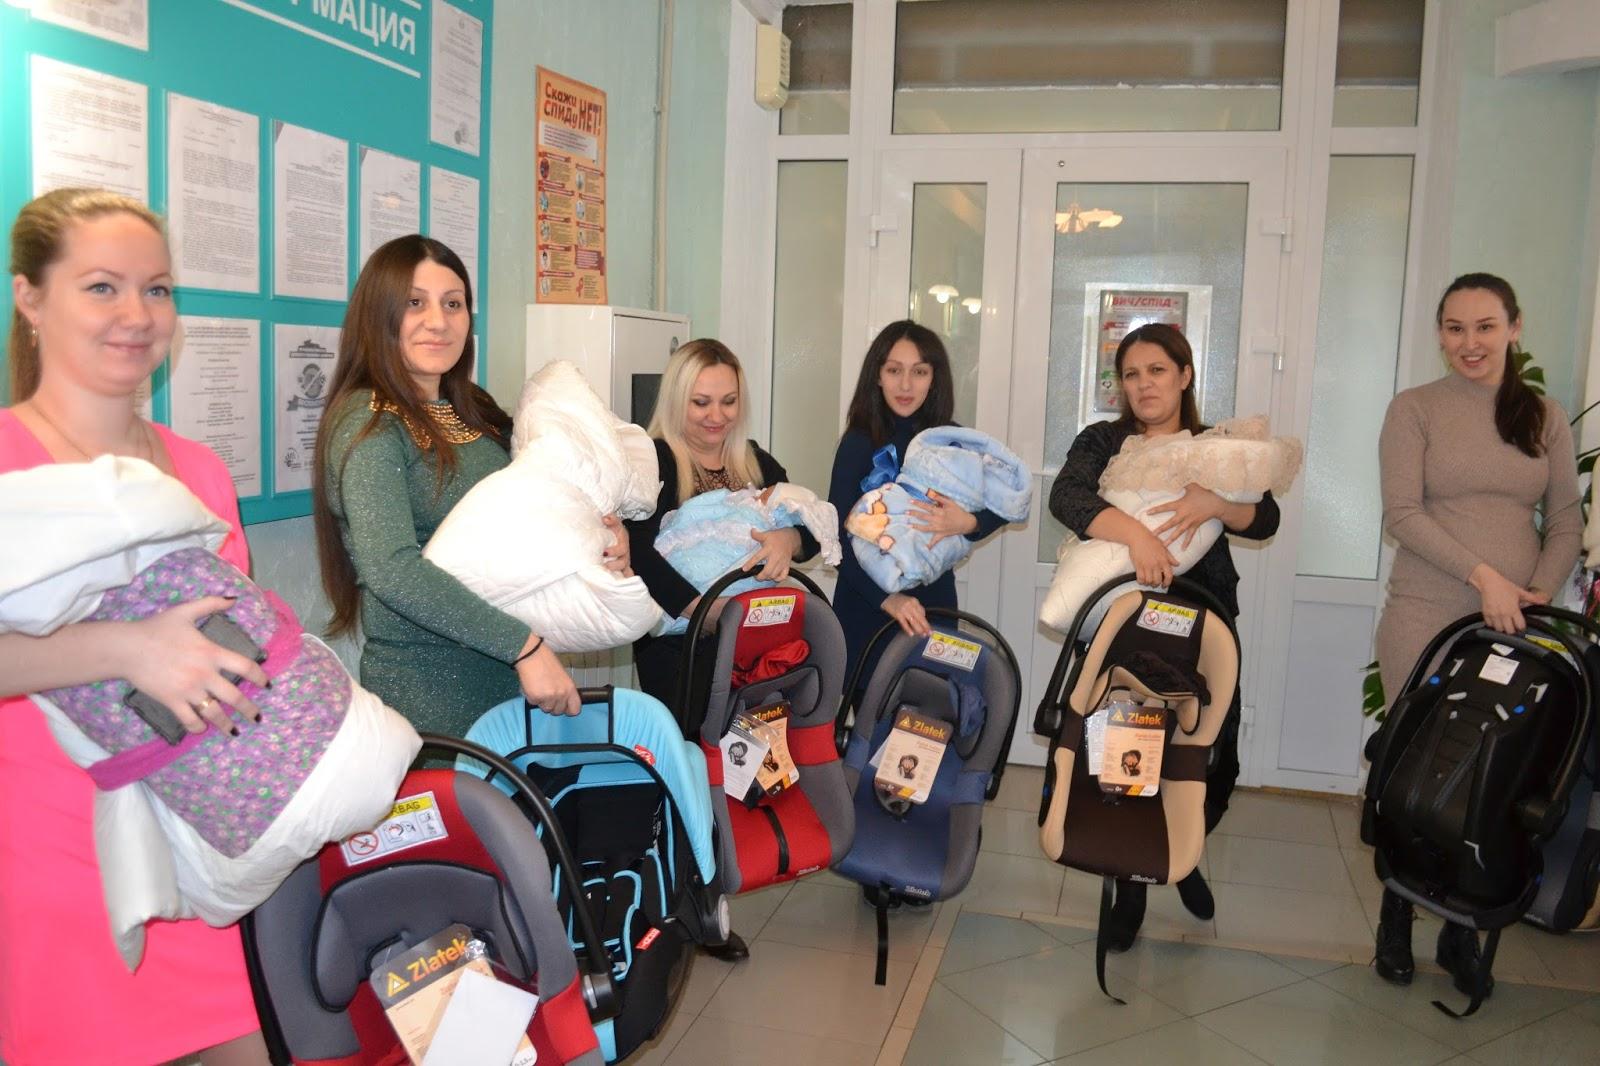 Медики пятигорского роддома подготовили отчаянное обращение к Президенту РФ